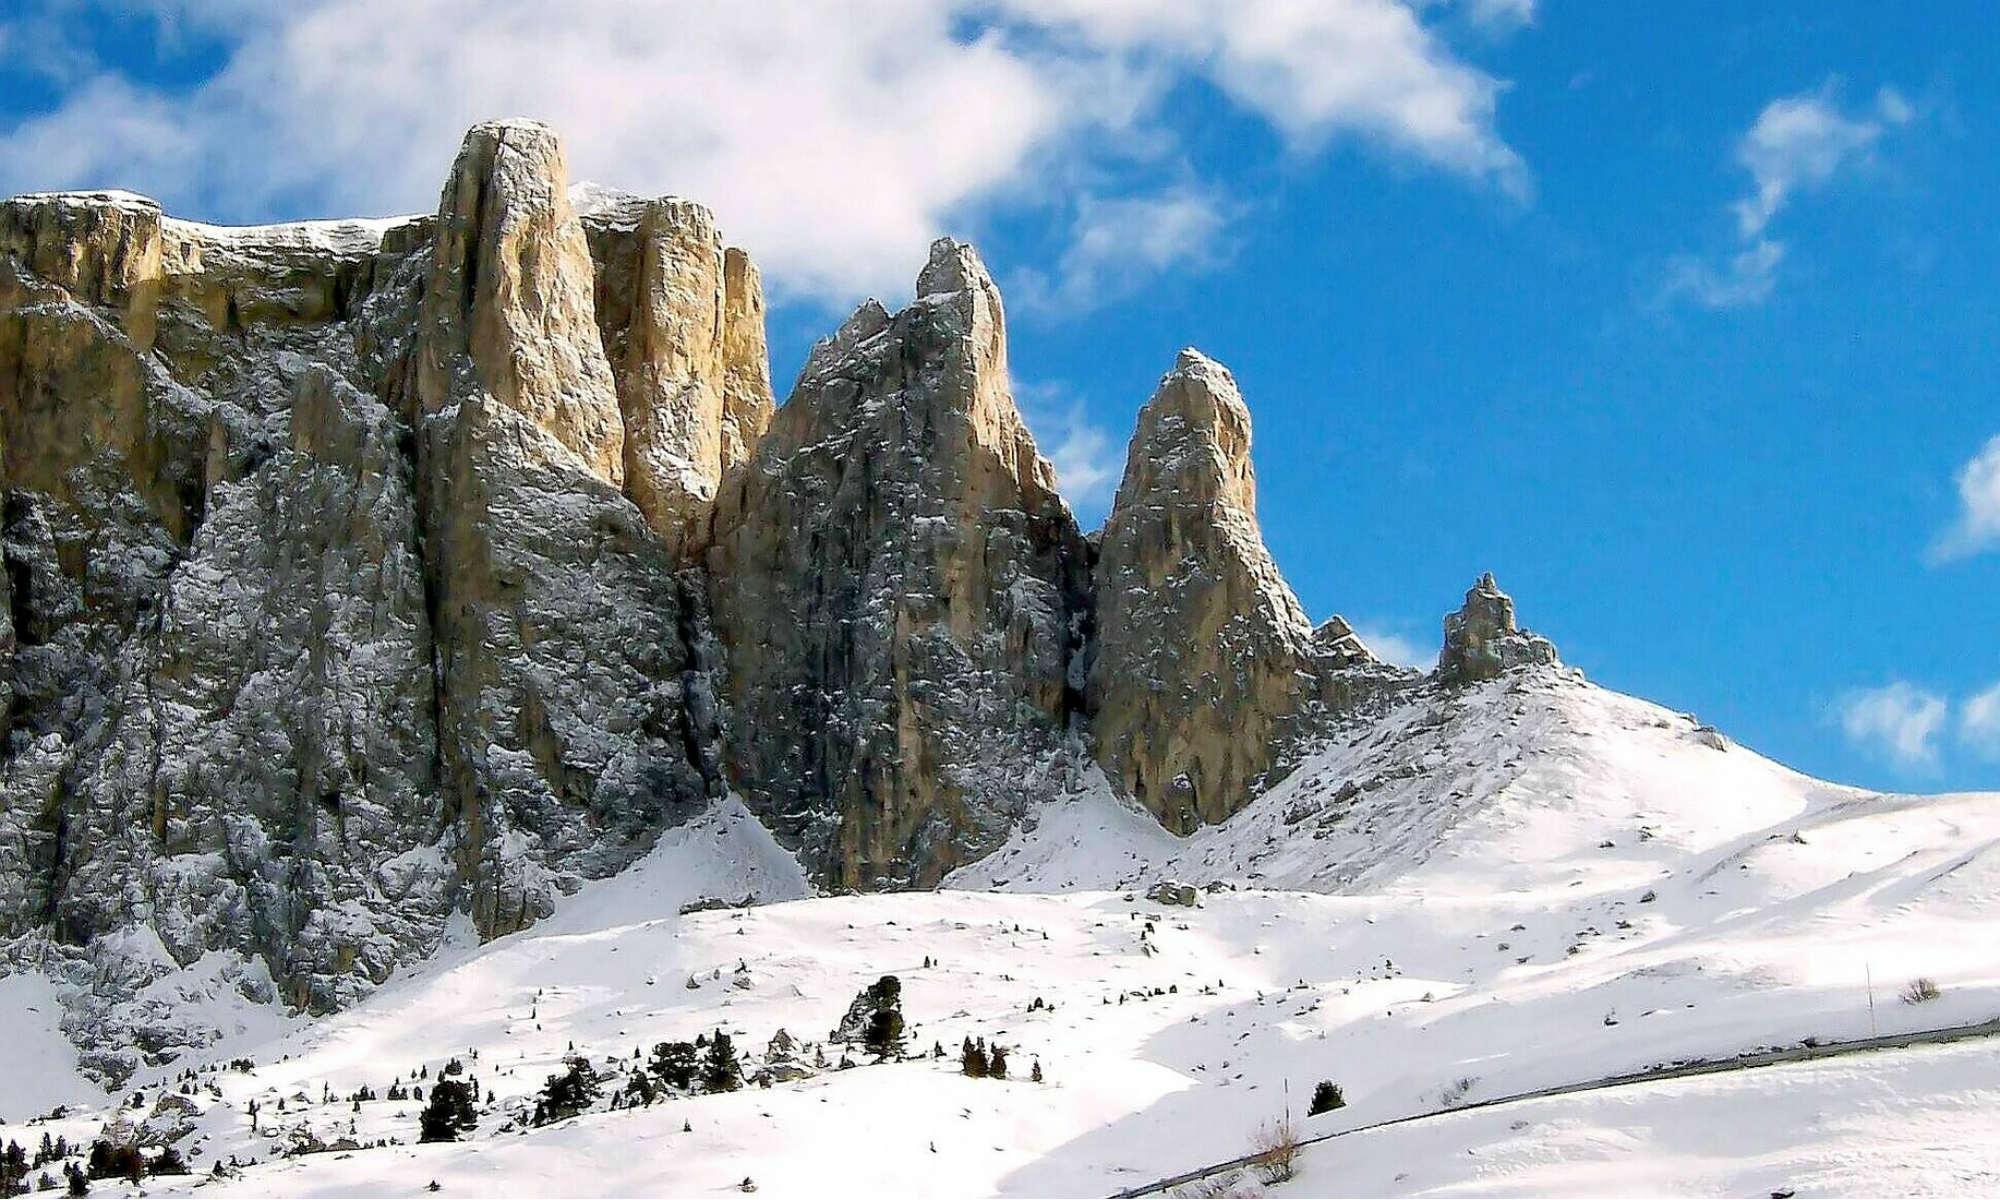 Bergpanorama auf verschneite Berggipfel in den Dolomiten.